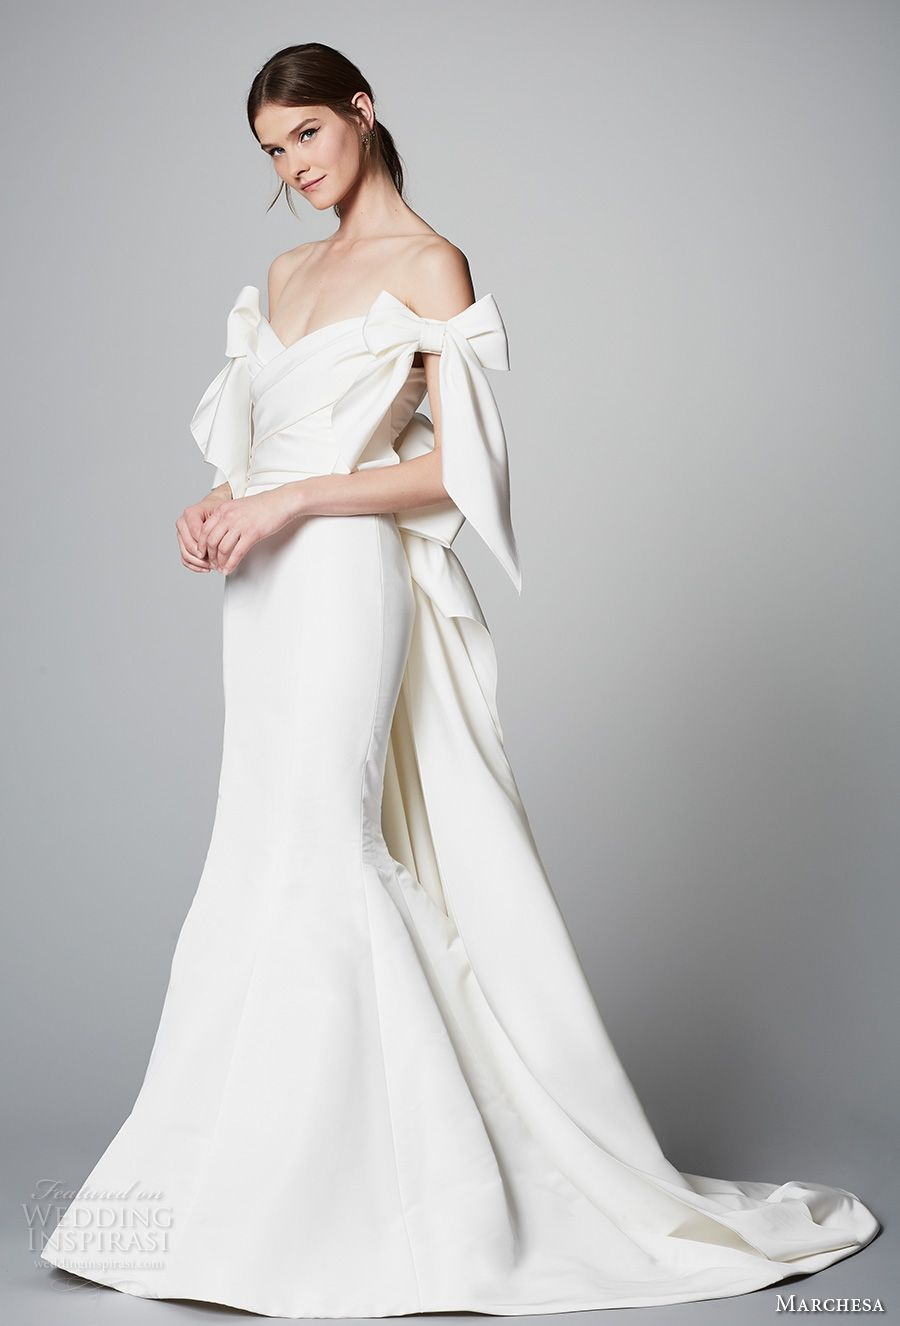 Marchesa Bridal Spring 2018 Wedding Dresses New York Fashion Week Presentation Lookbook